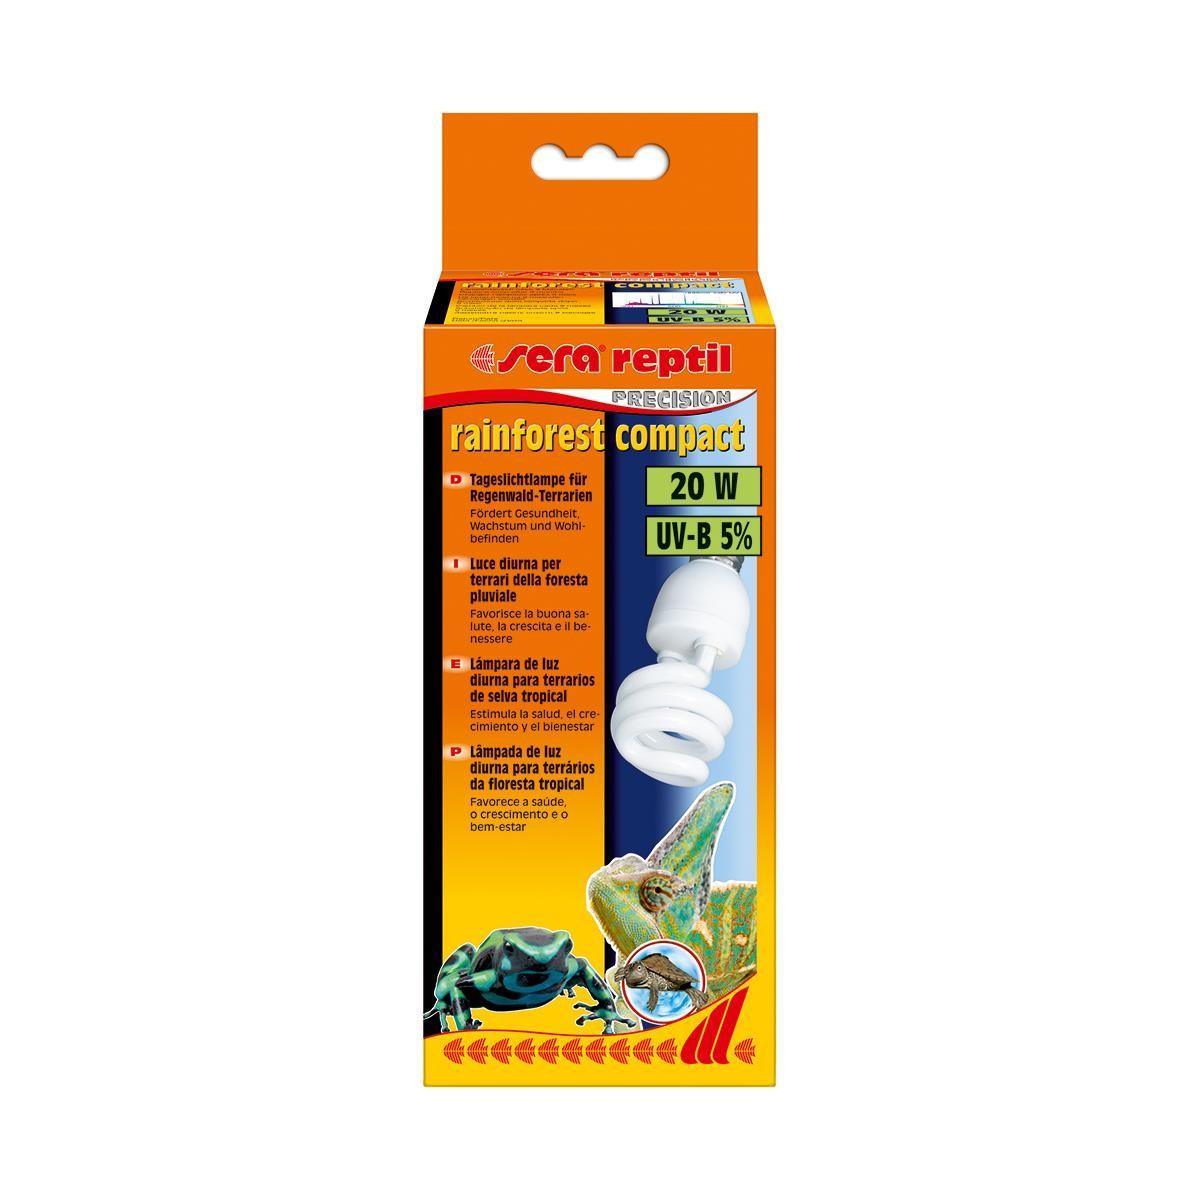 sera reptil rainforest compact 20 Watt Regenwaldterrarienbeleuchtung